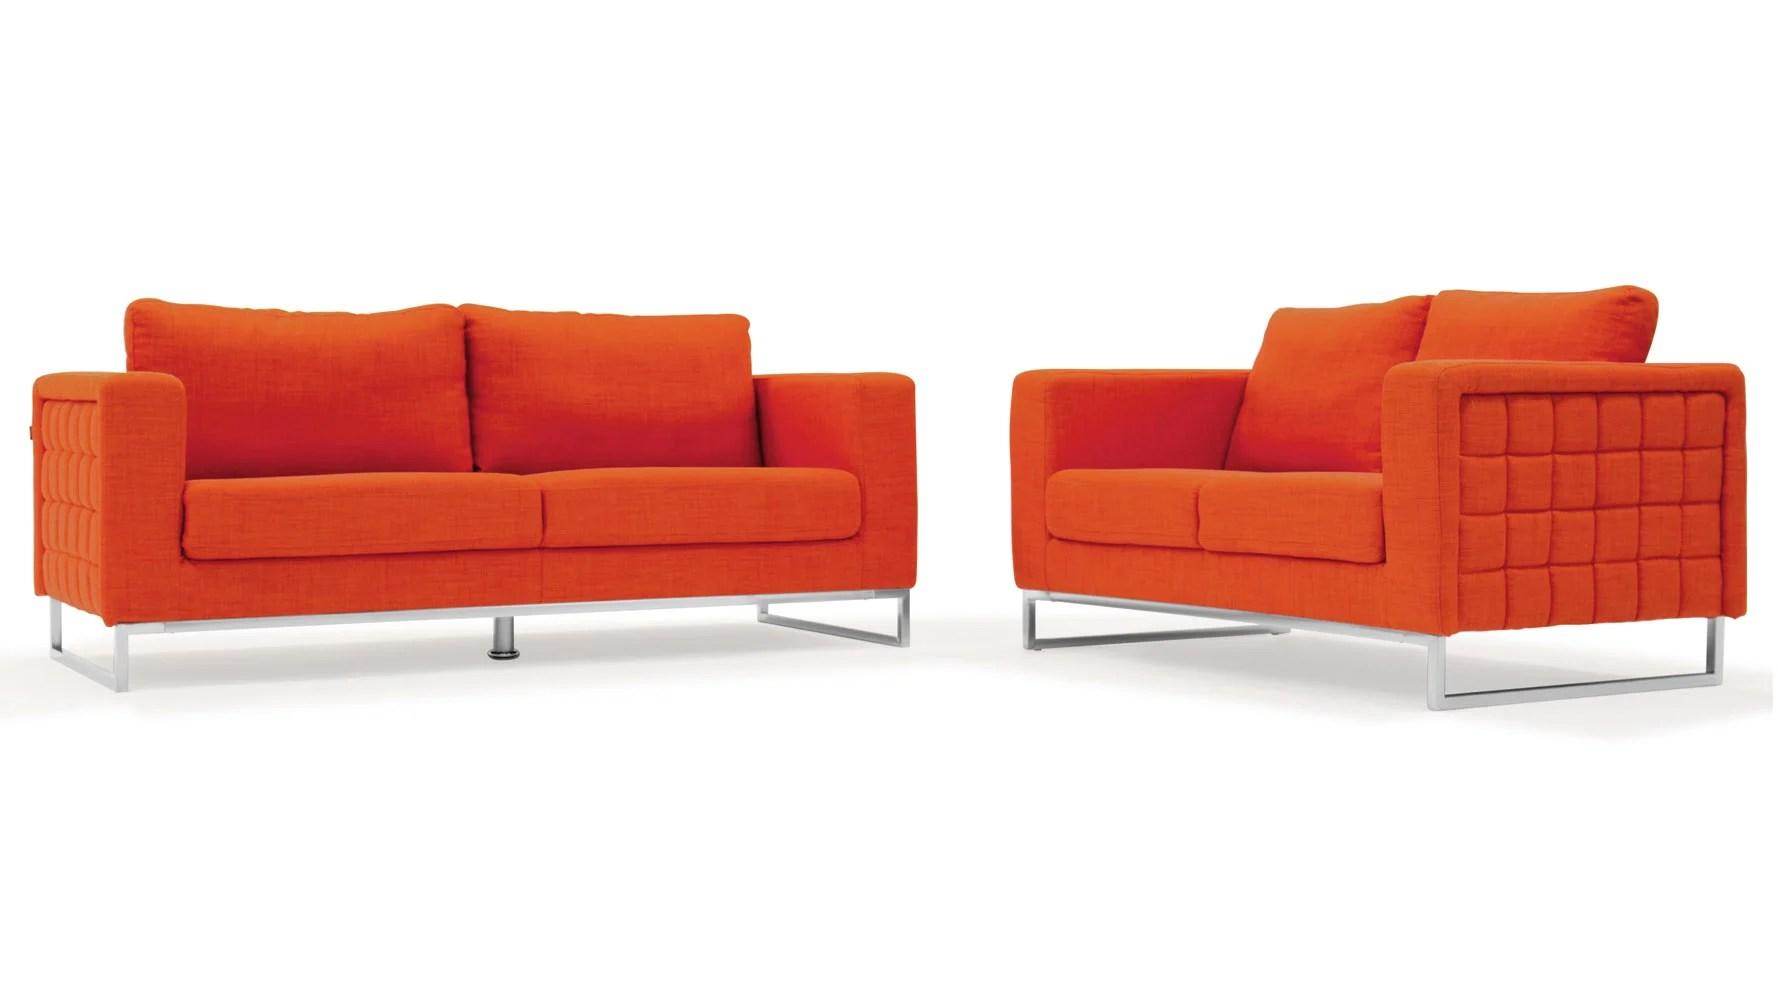 aria fabric modern sectional sofa set single armless chair 2 piece energywarden